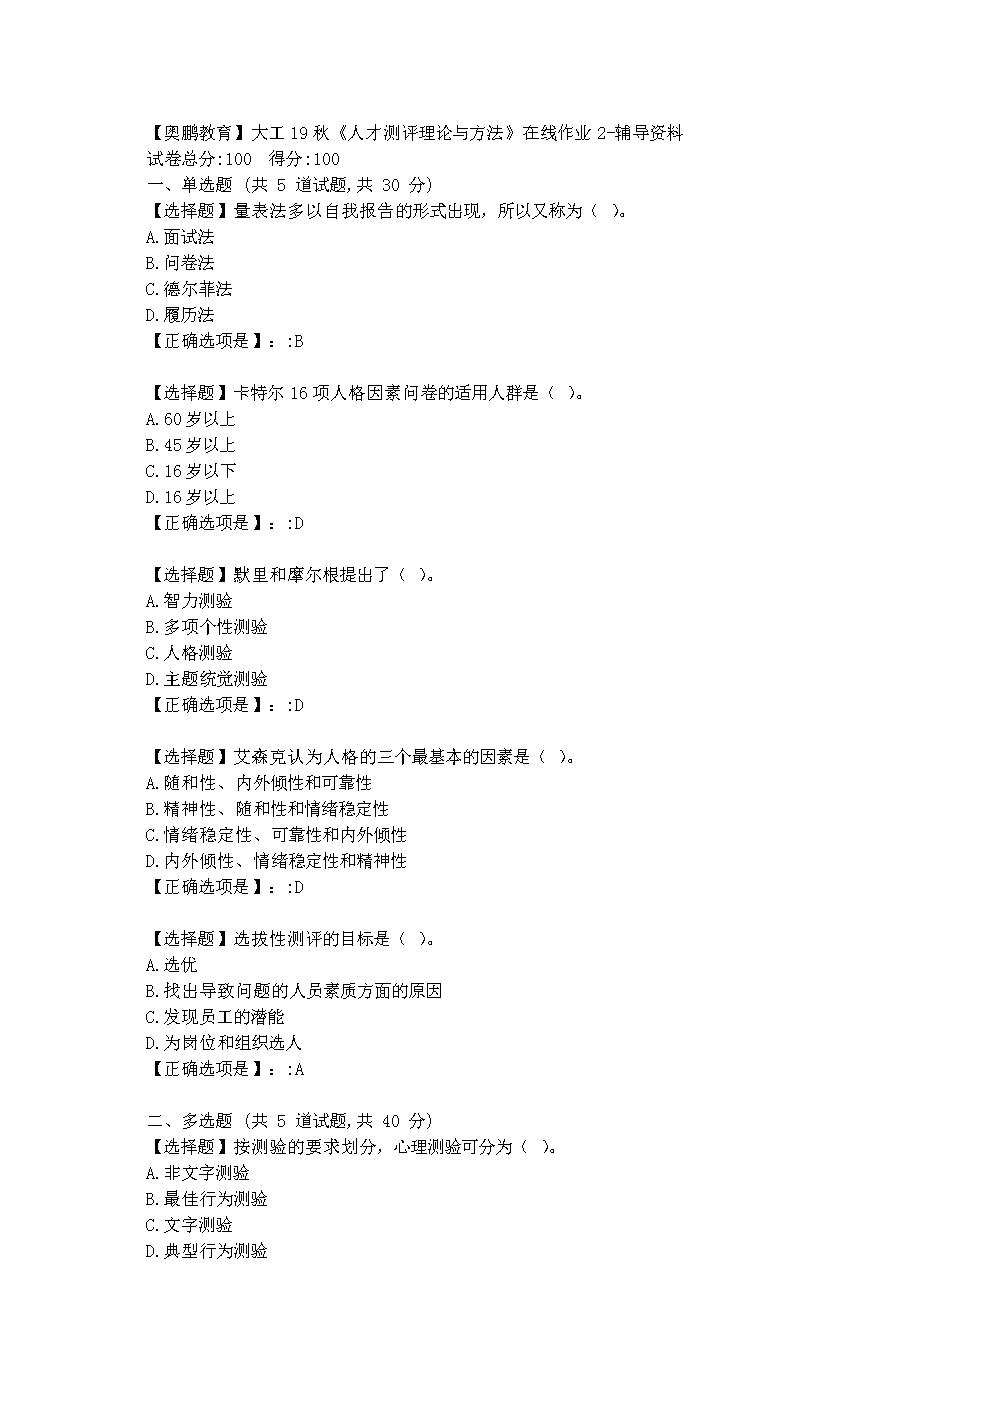 大连理工大学19秋《人才测评理论与方法》在线作业2学习资料.doc